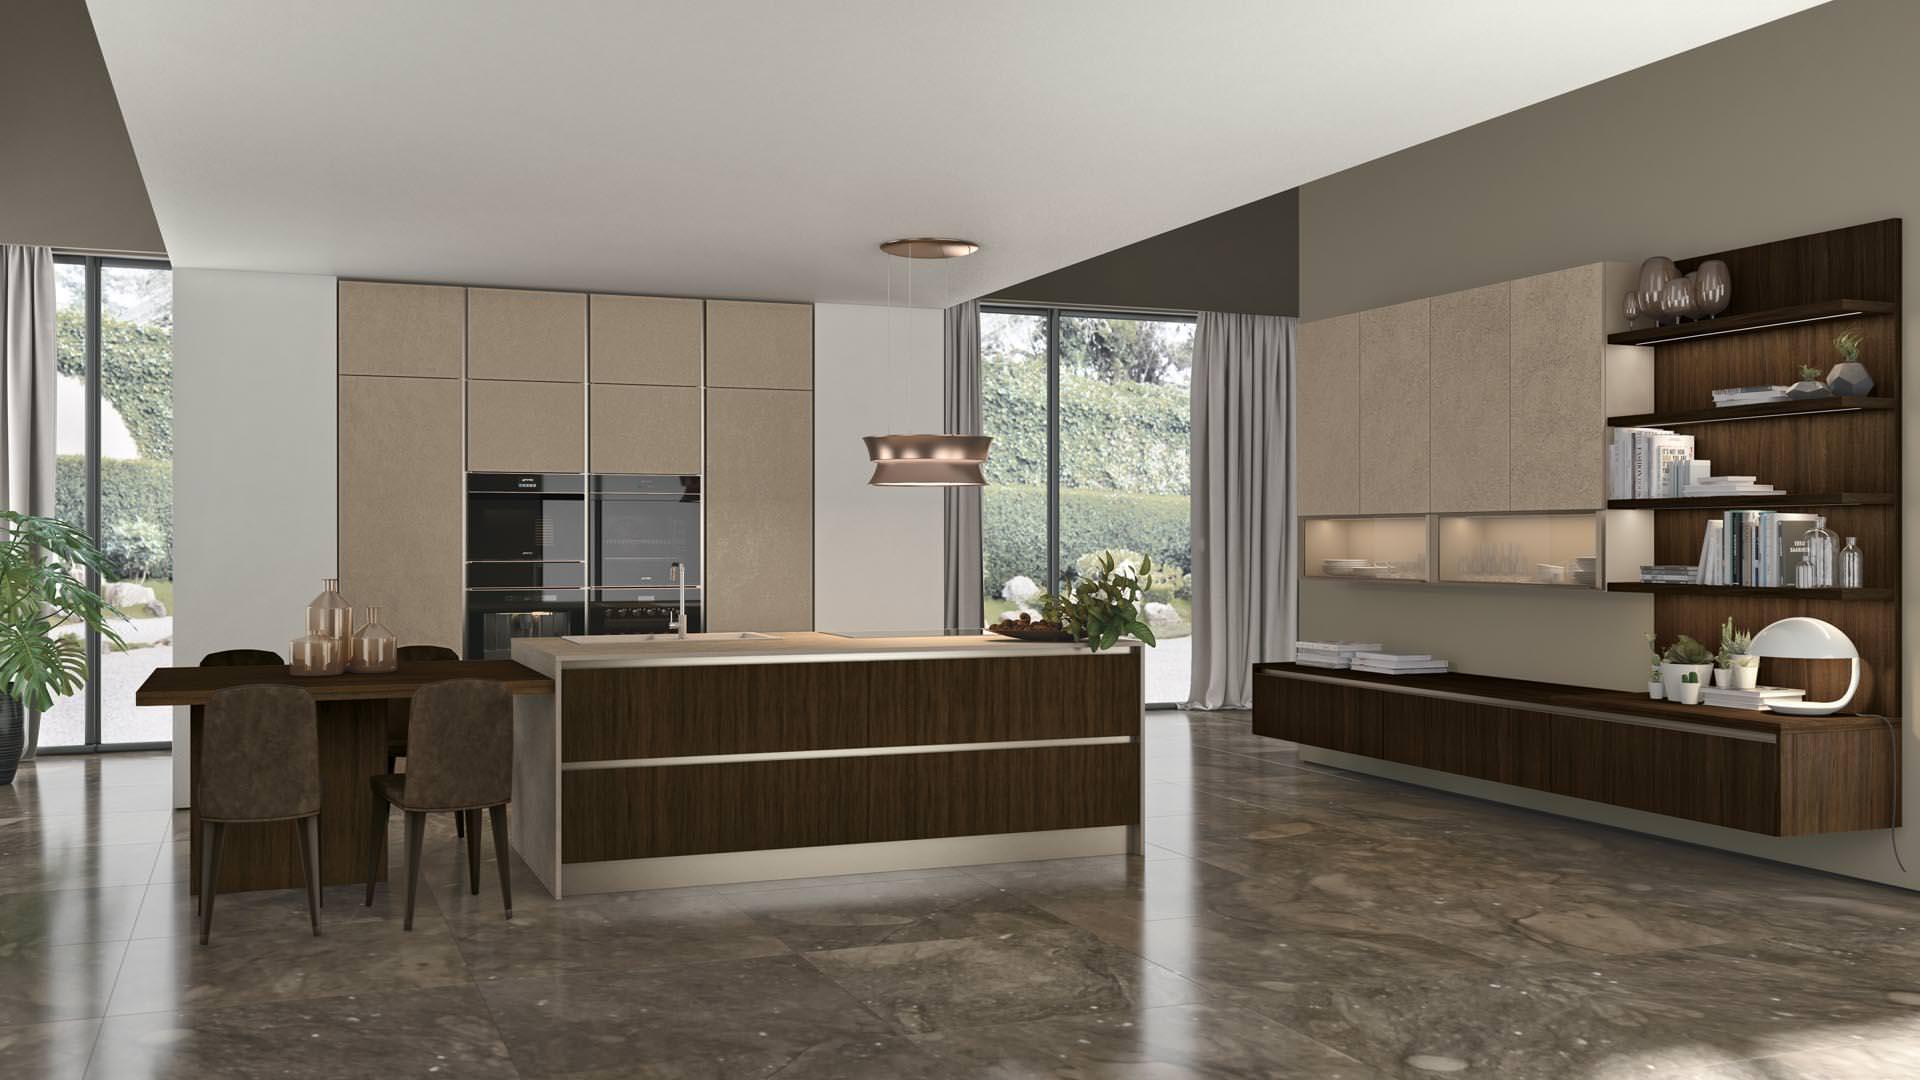 Cucina lube clover lux l 39 ergonomica forma dell anta rafaschieri arredamenti - Lube cucine moderne ...